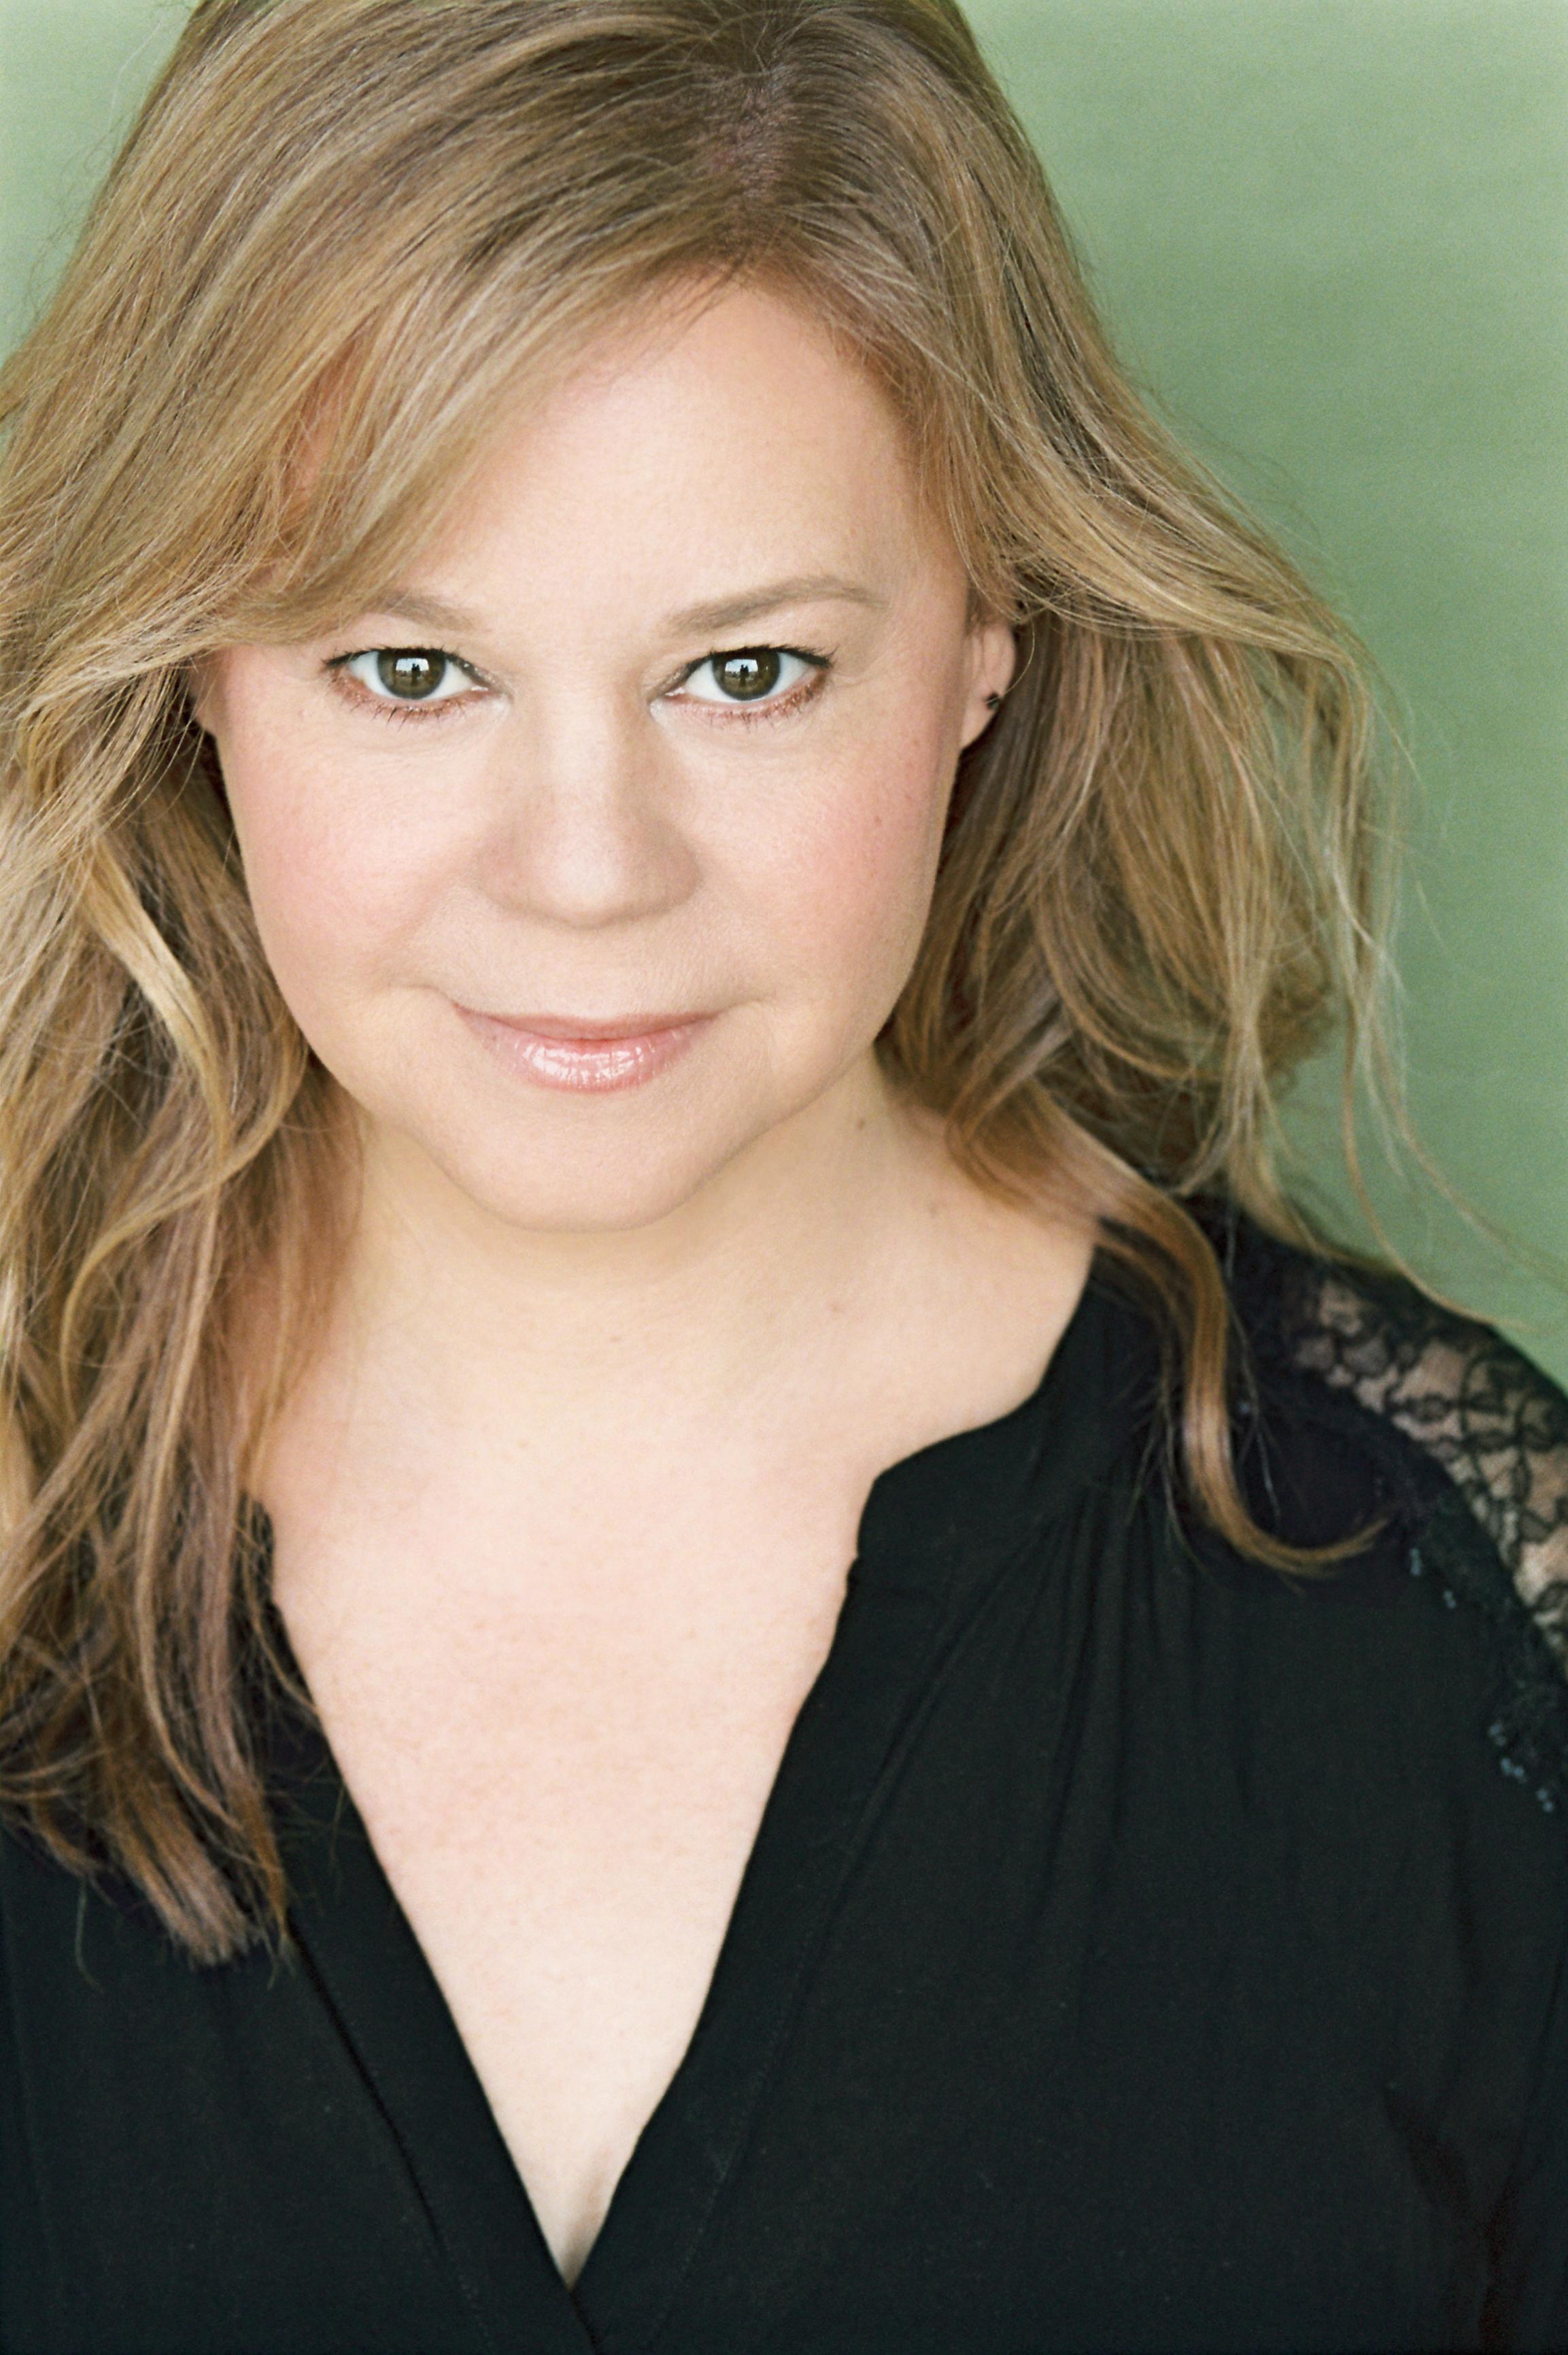 Melissa Hayden (actress)